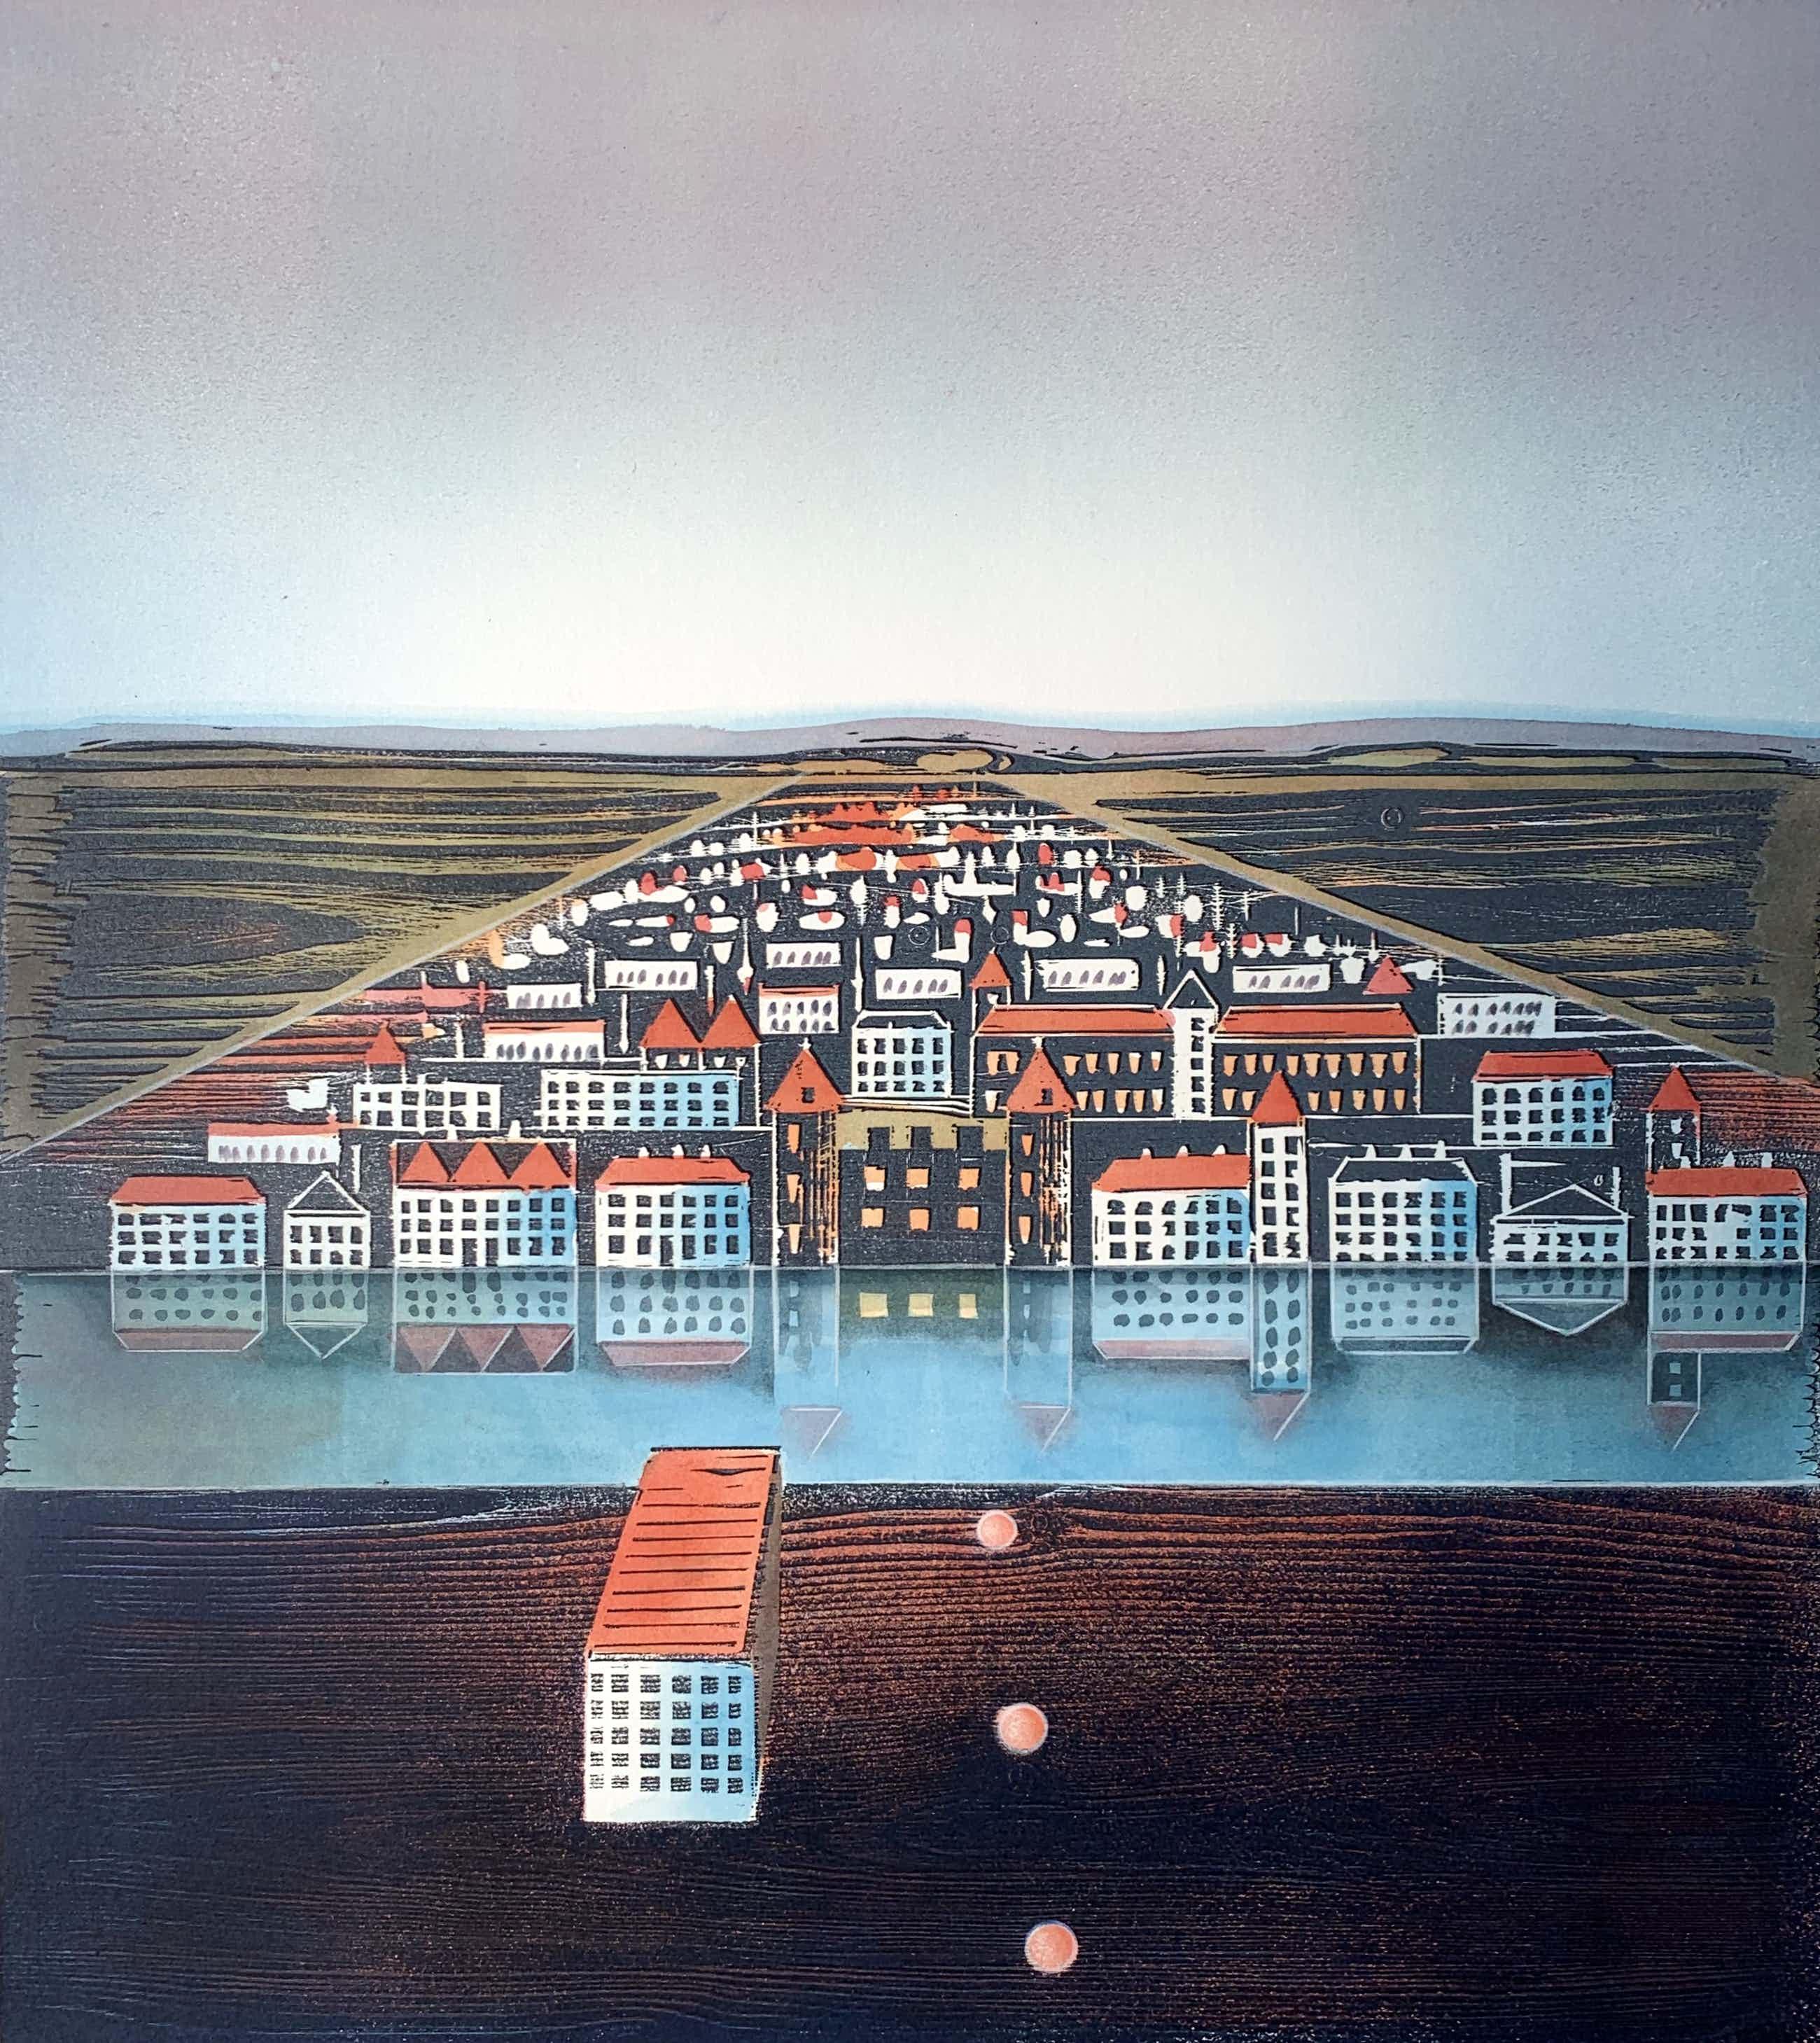 Willem de Vries - Houtsnede | 'Town-centre III' | 1999 kopen? Bied vanaf 75!